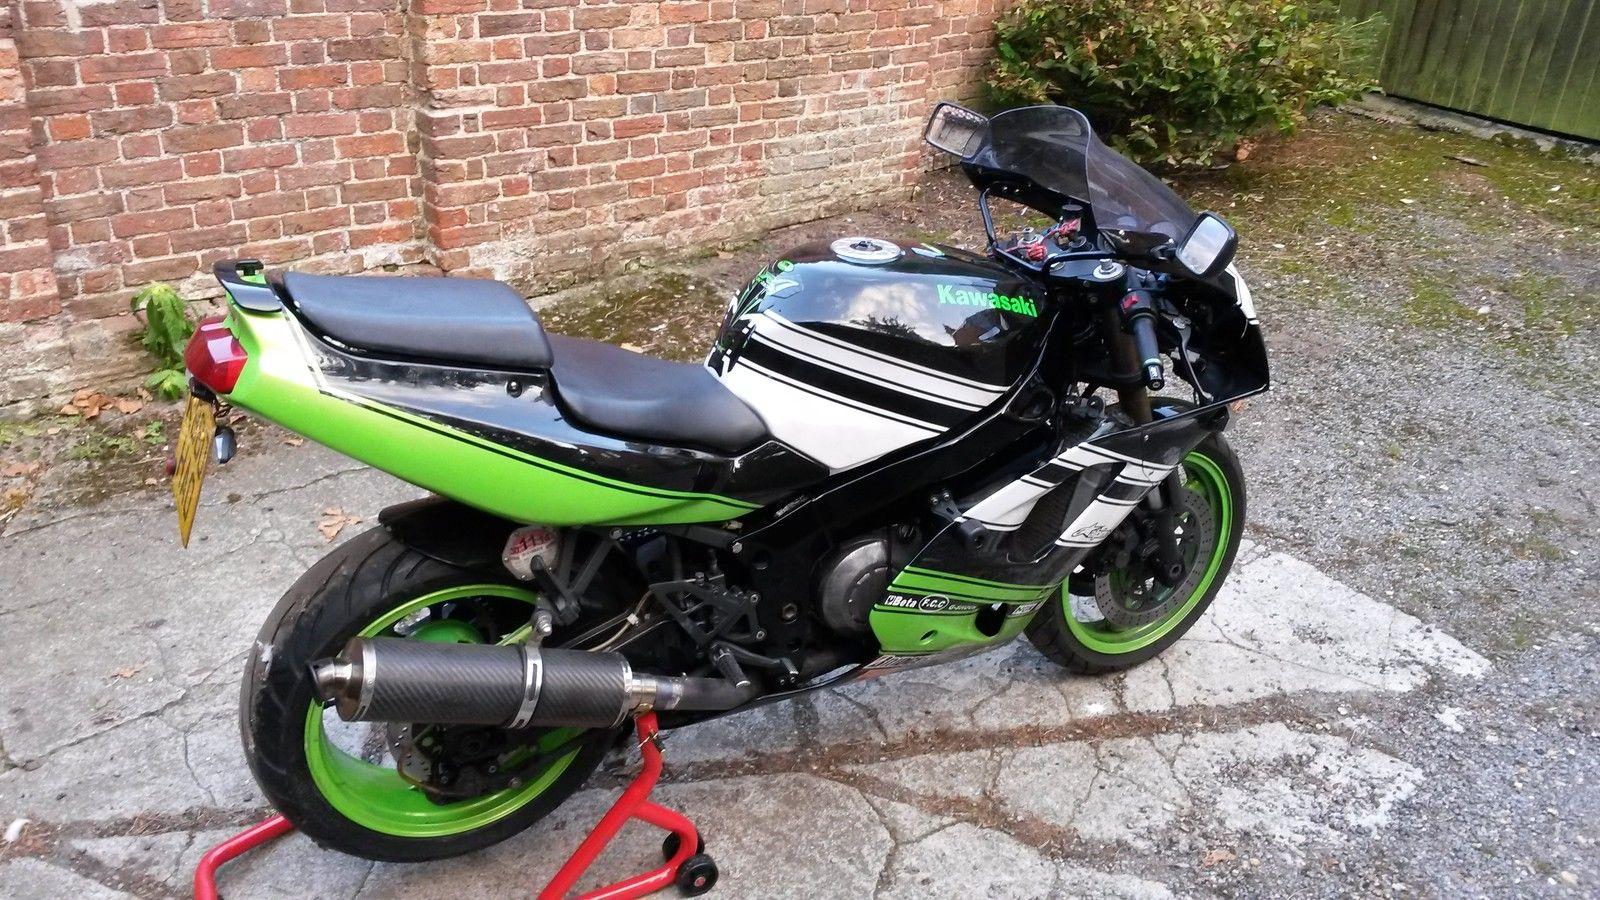 Kawasaki Zxr Black And Gold